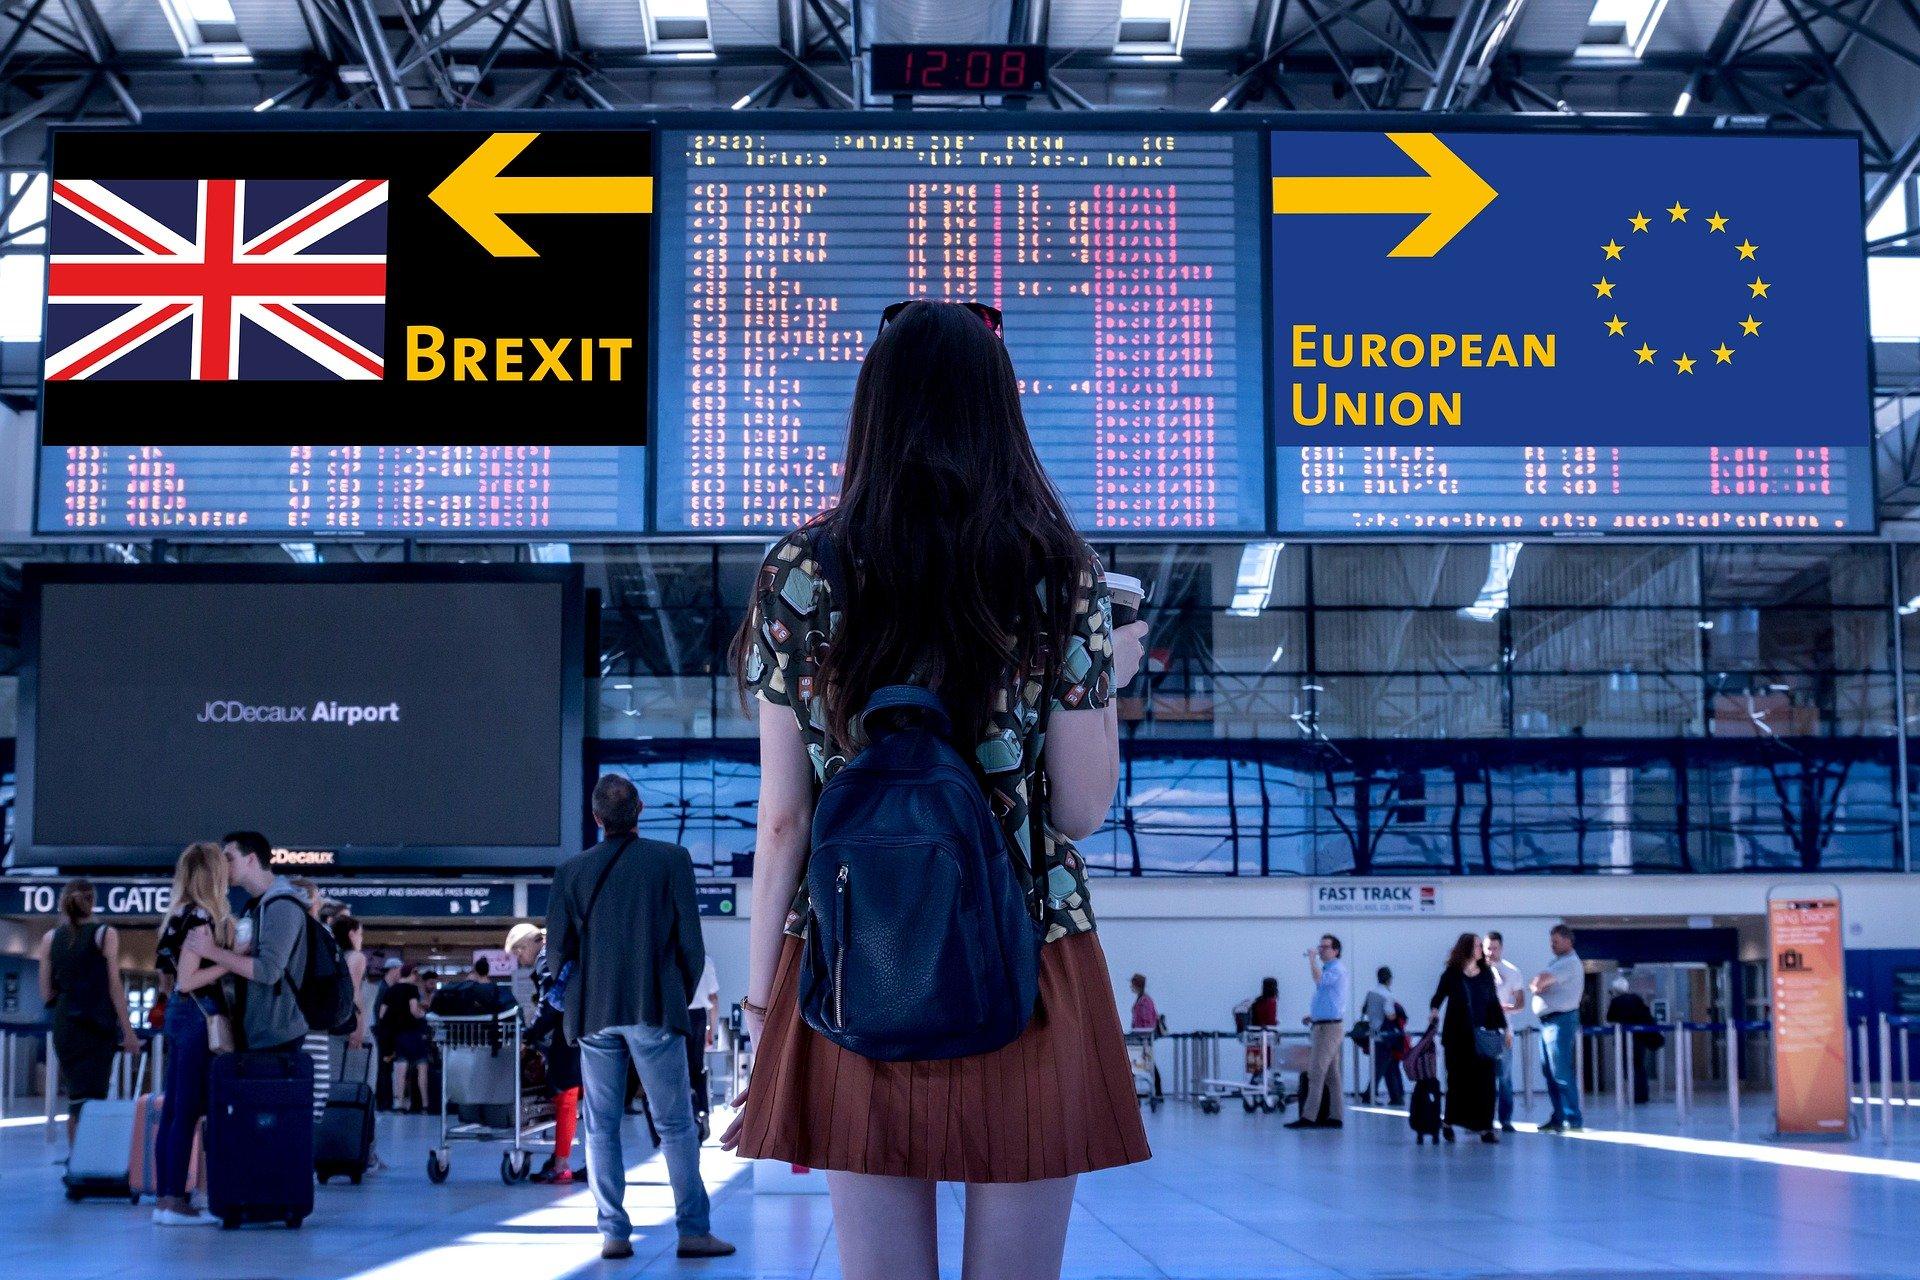 De Brexit zorgt voor een nieuwe situatie